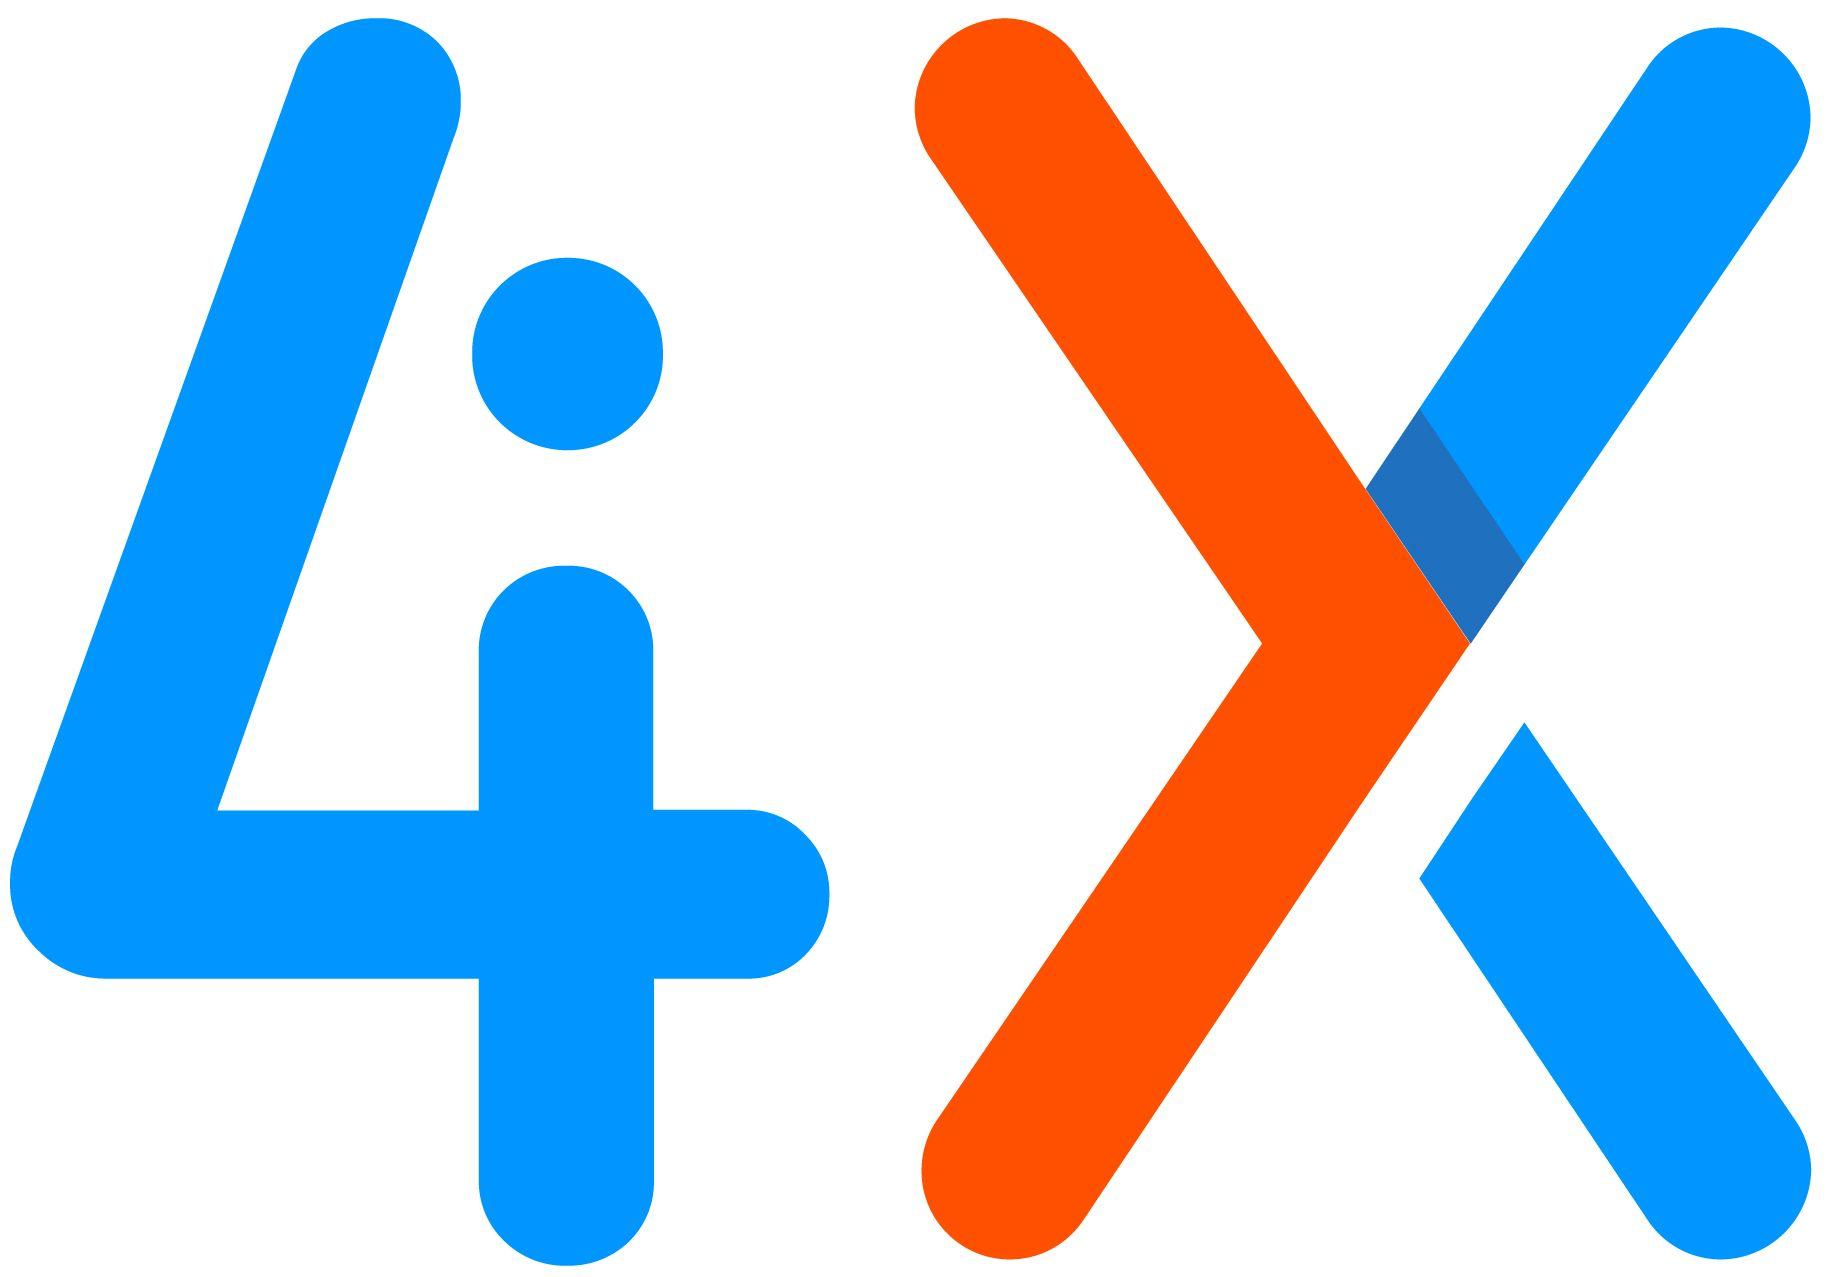 Wort-/Bildmarke: 4i X